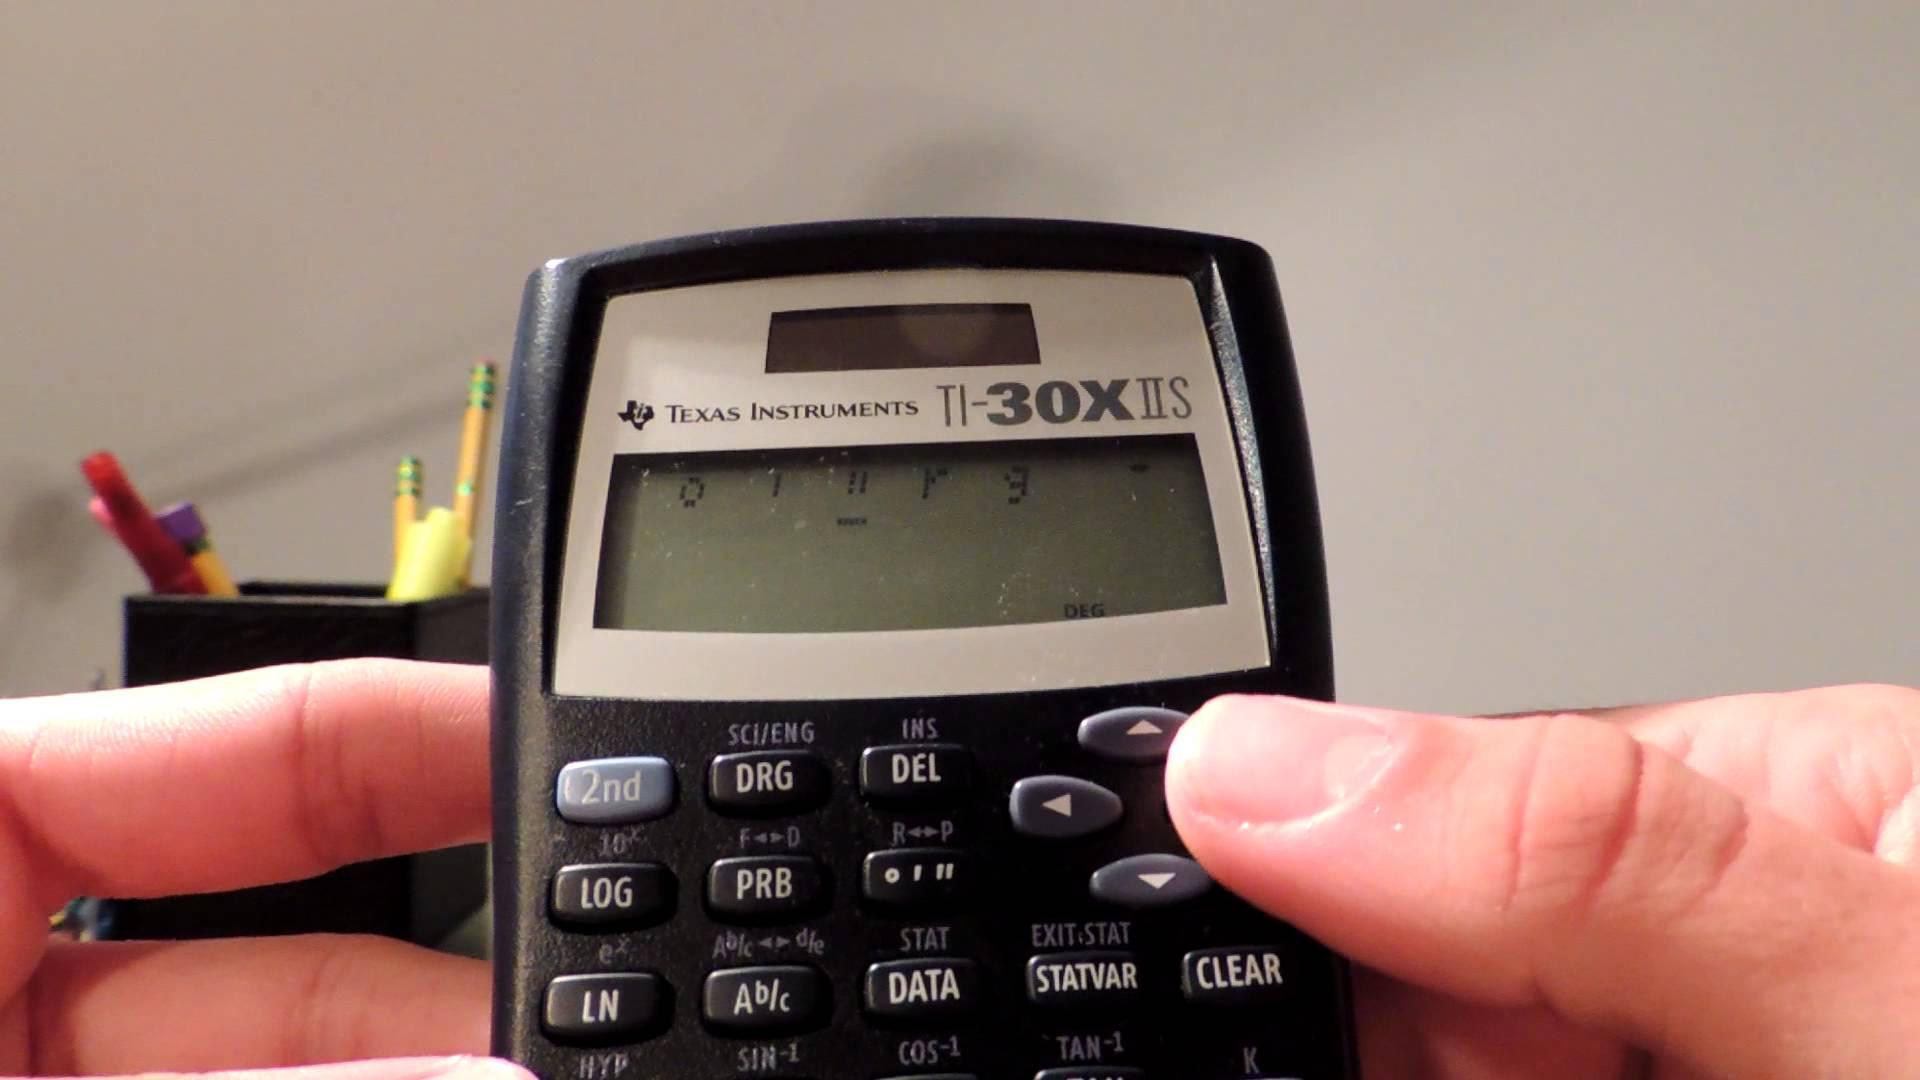 TI-30X IIS Vs TI-30XS